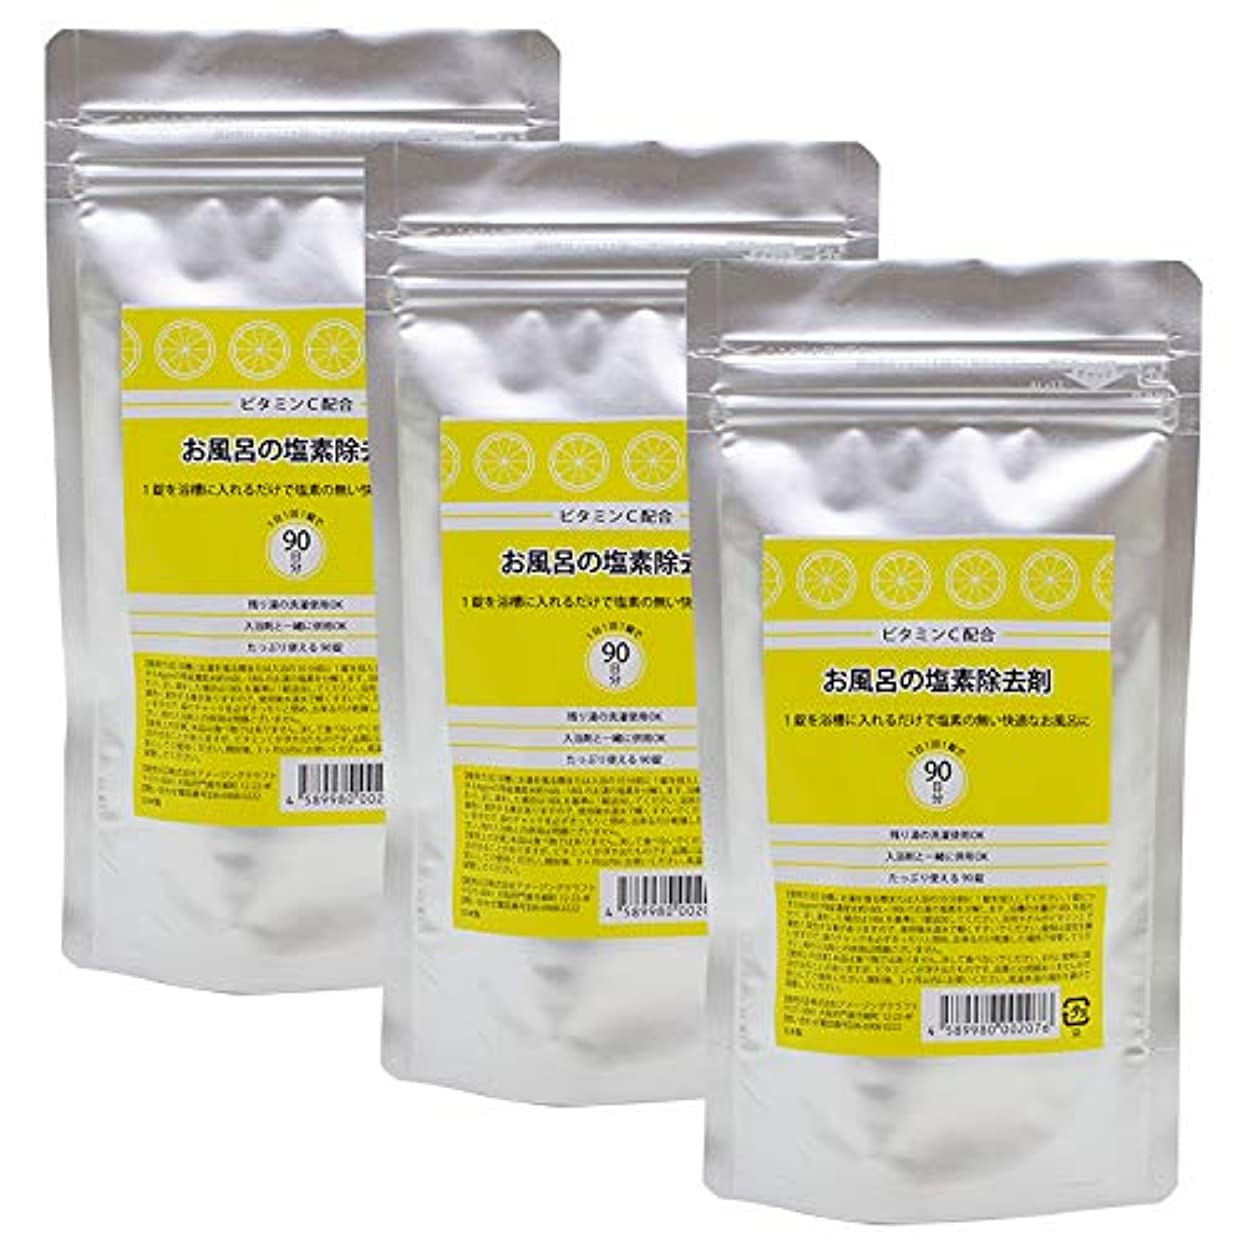 意識的筋呼吸するビタミンC配合 お風呂の塩素除去剤 錠剤タイプ 90錠 3個セット 浴槽用脱塩素剤